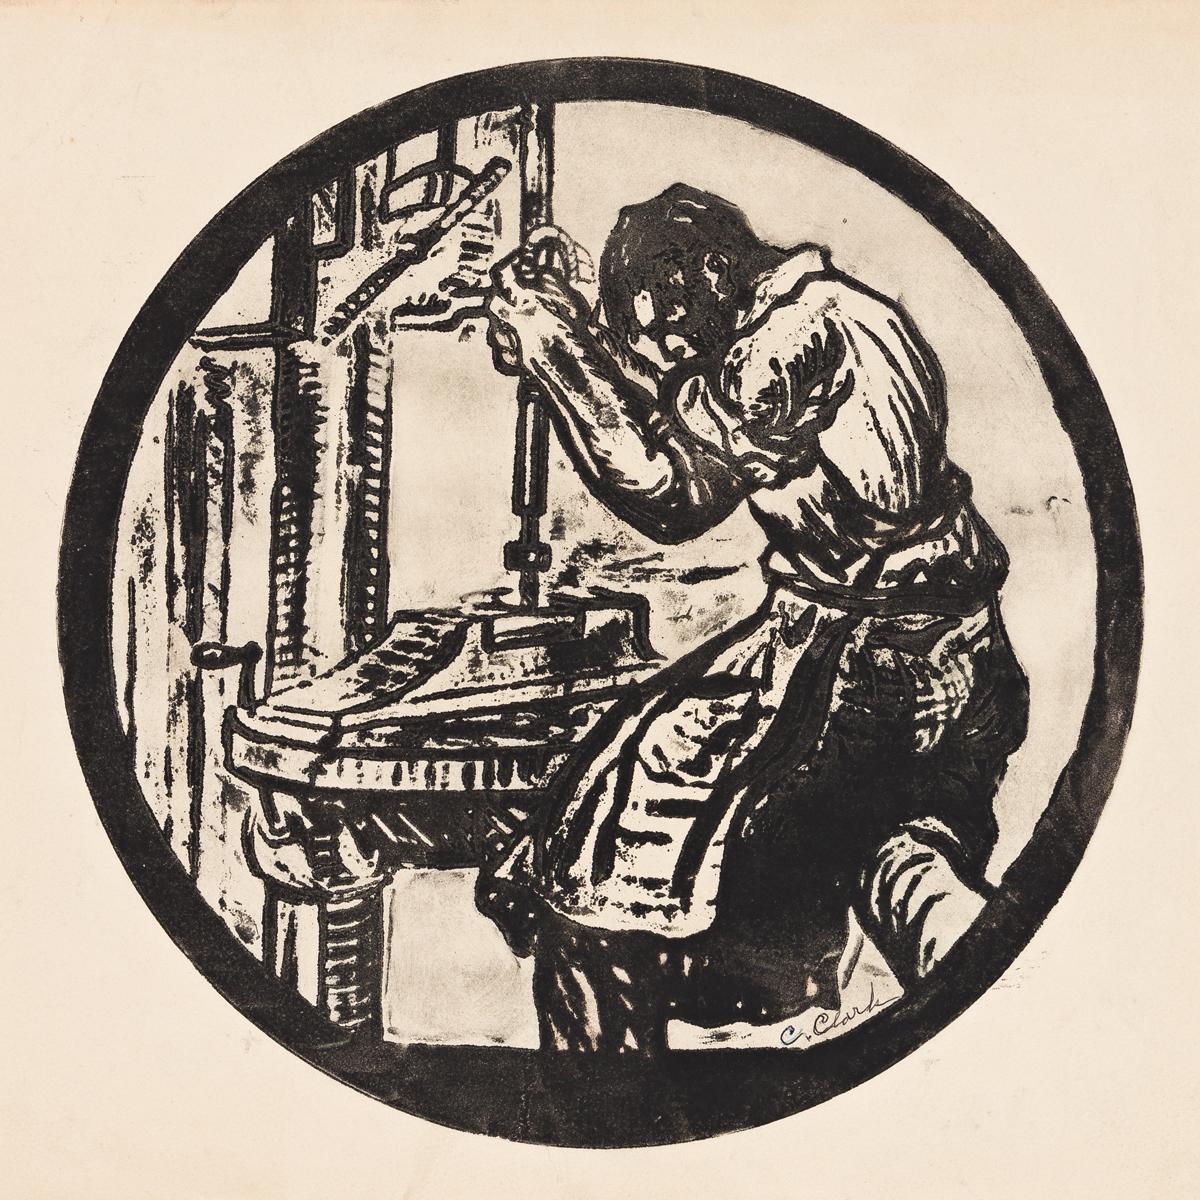 CLAUDE CLARK (1915 - 2001) Drill Press.